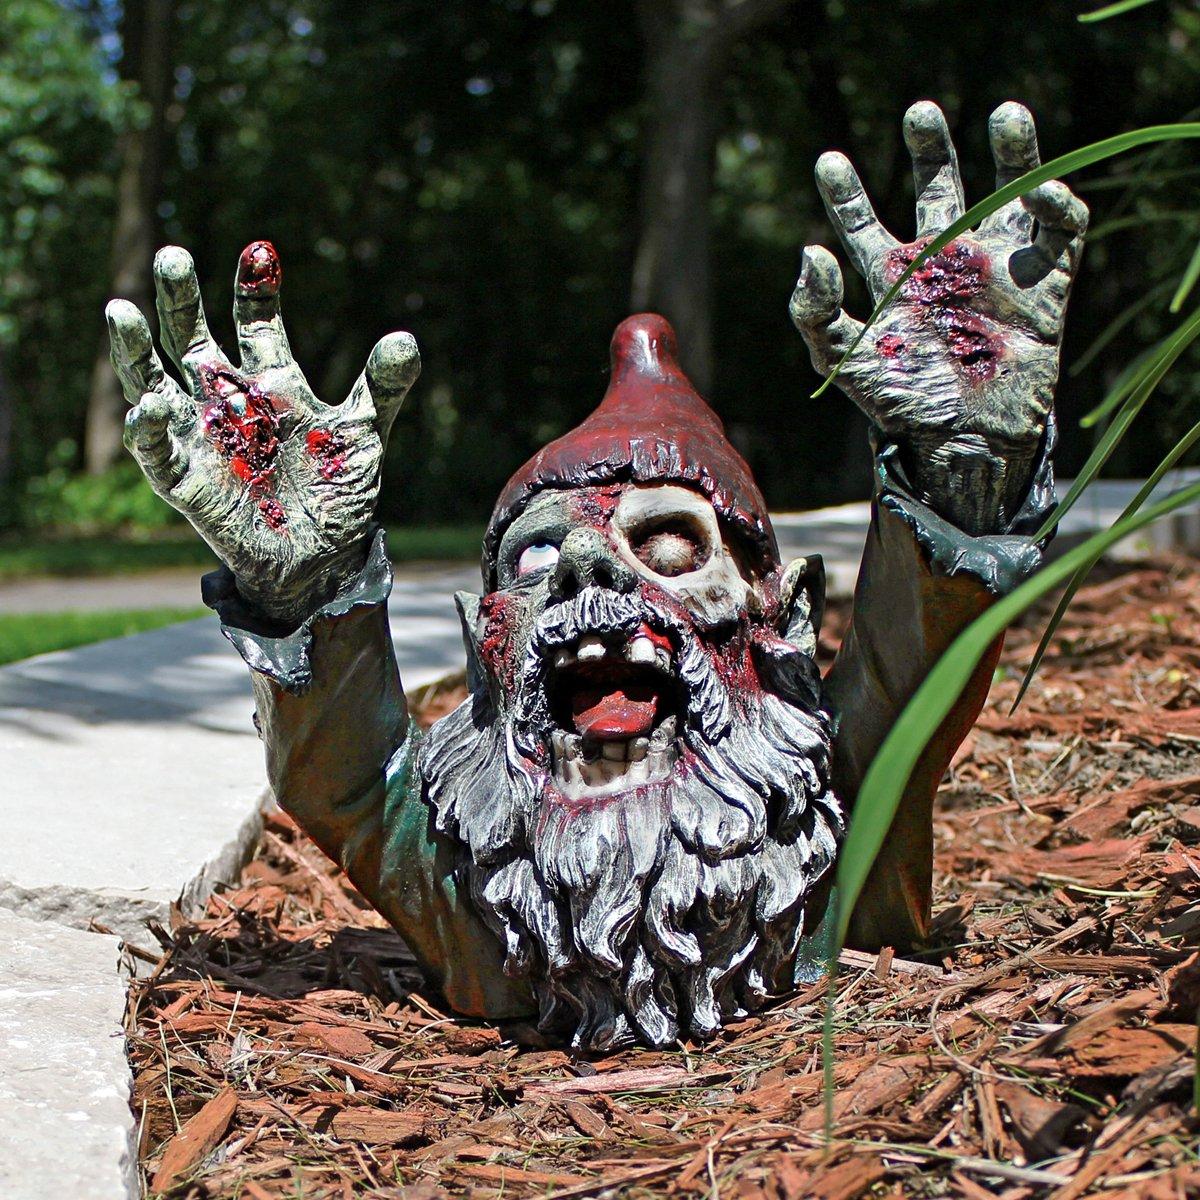 Zombie Gnome - Zombie Gnombie Statue - Garden Gnome Statue